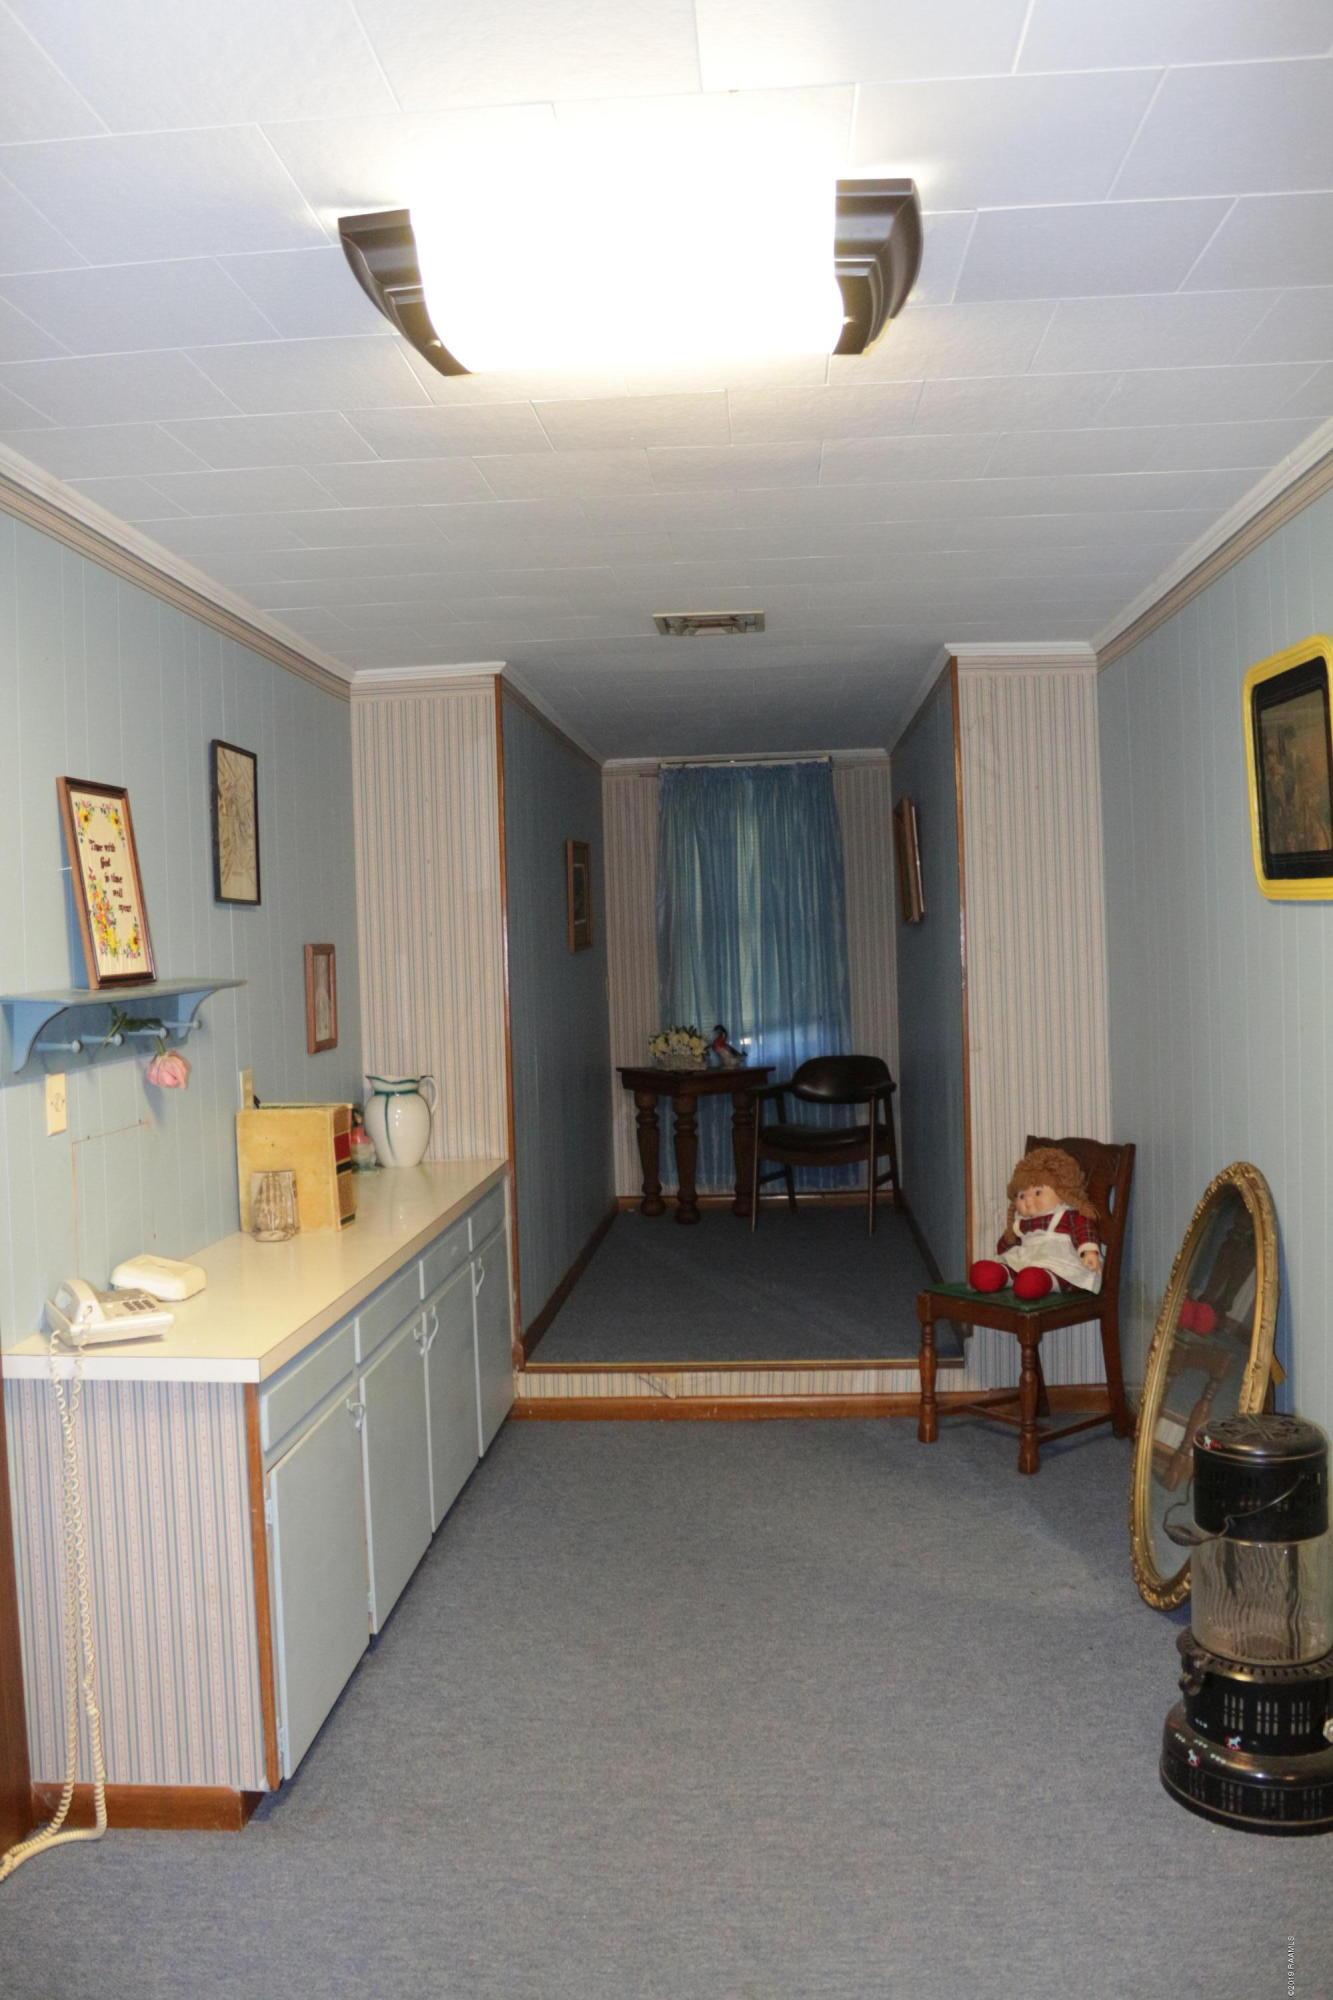 599 Acadiana Road, Opelousas, LA 70570 Photo #31